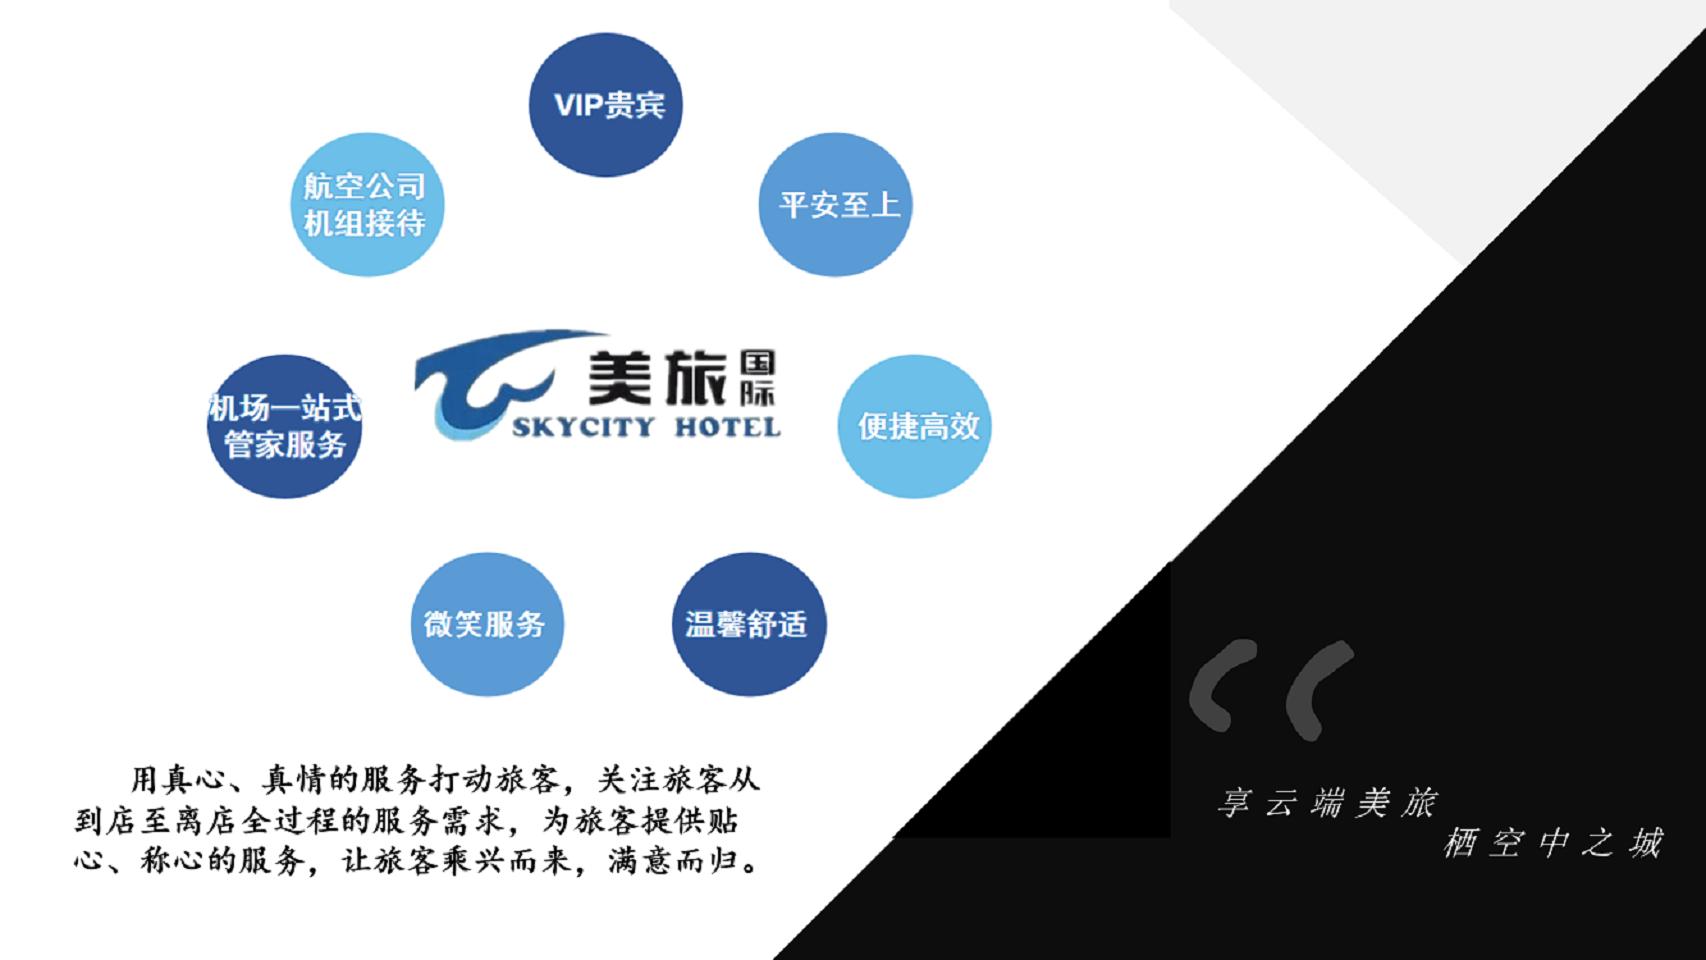 云美旅国际酒店_09.png